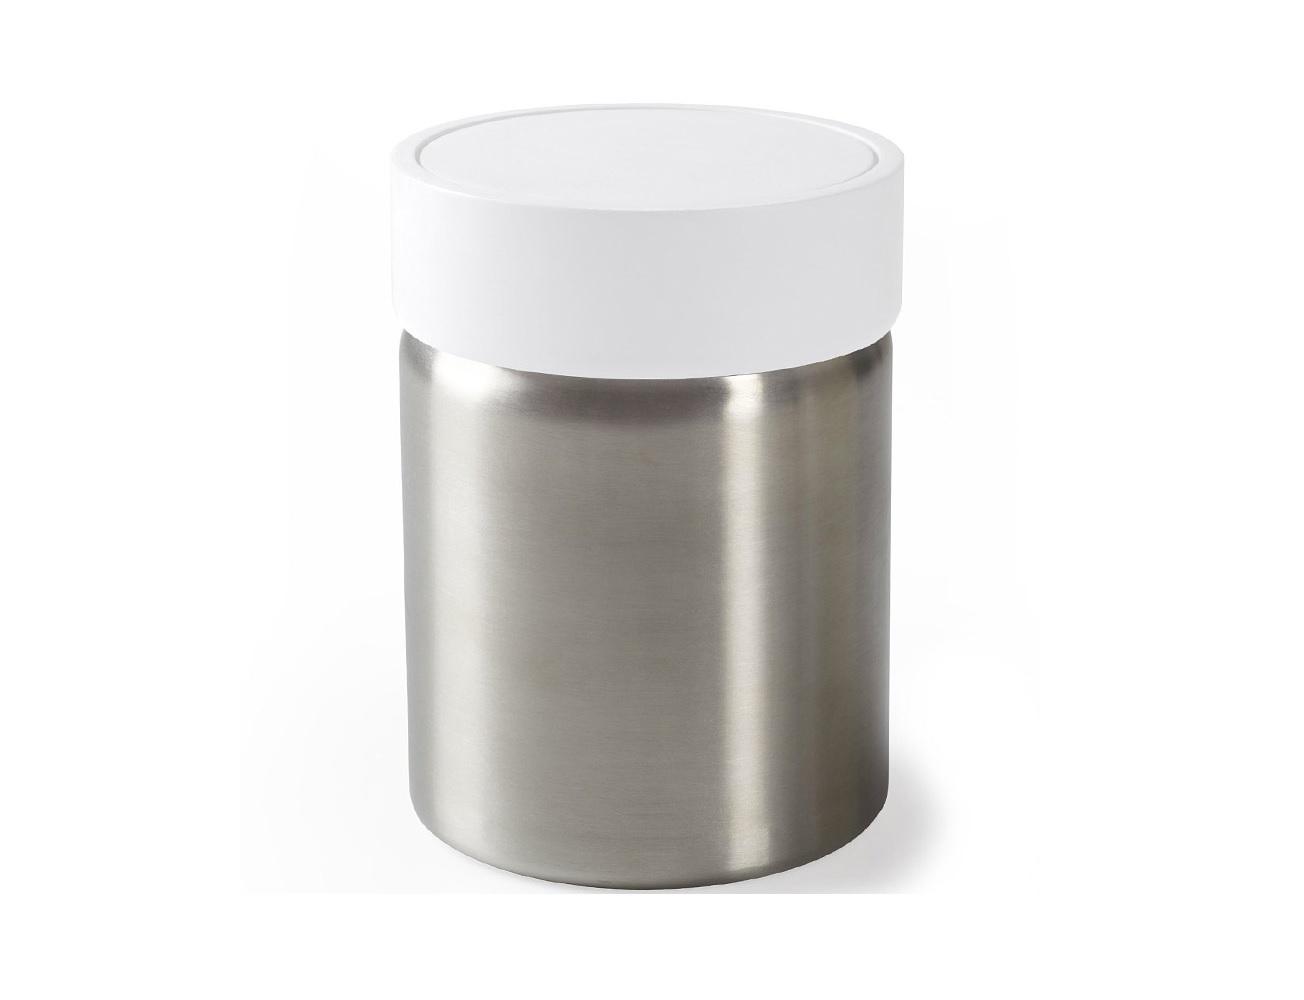 Контейнер мусорный ensaЕмкости для хранения<br>Привычные мусорные корзины в виде старых ведер из-под краски или ненужных коробок давно в прошлом. Каждый элемент в современном доме должен иметь определенный смысл, быть креативным и удобным. Вплоть до мусорного контейнера. Несмотря на кажущийся миниатюрный размер, контейнер вмещает около 7,5 литров и оснащен удобной крышкой.<br><br>Material: Сталь<br>Height см: 30,5<br>Diameter см: 20